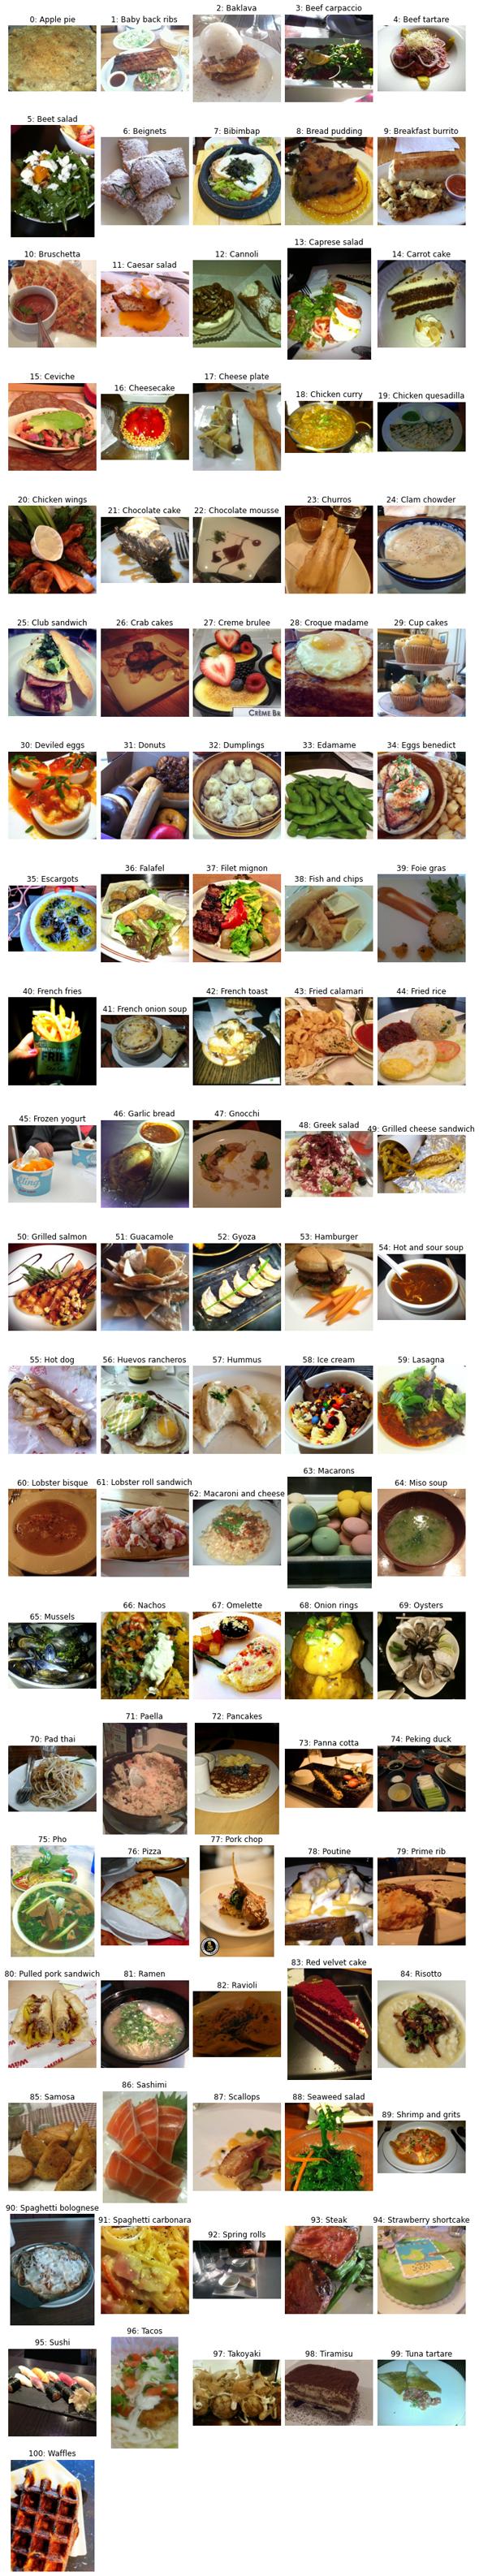 図1 Food-101に含まれる「101種類の料理画像」の例